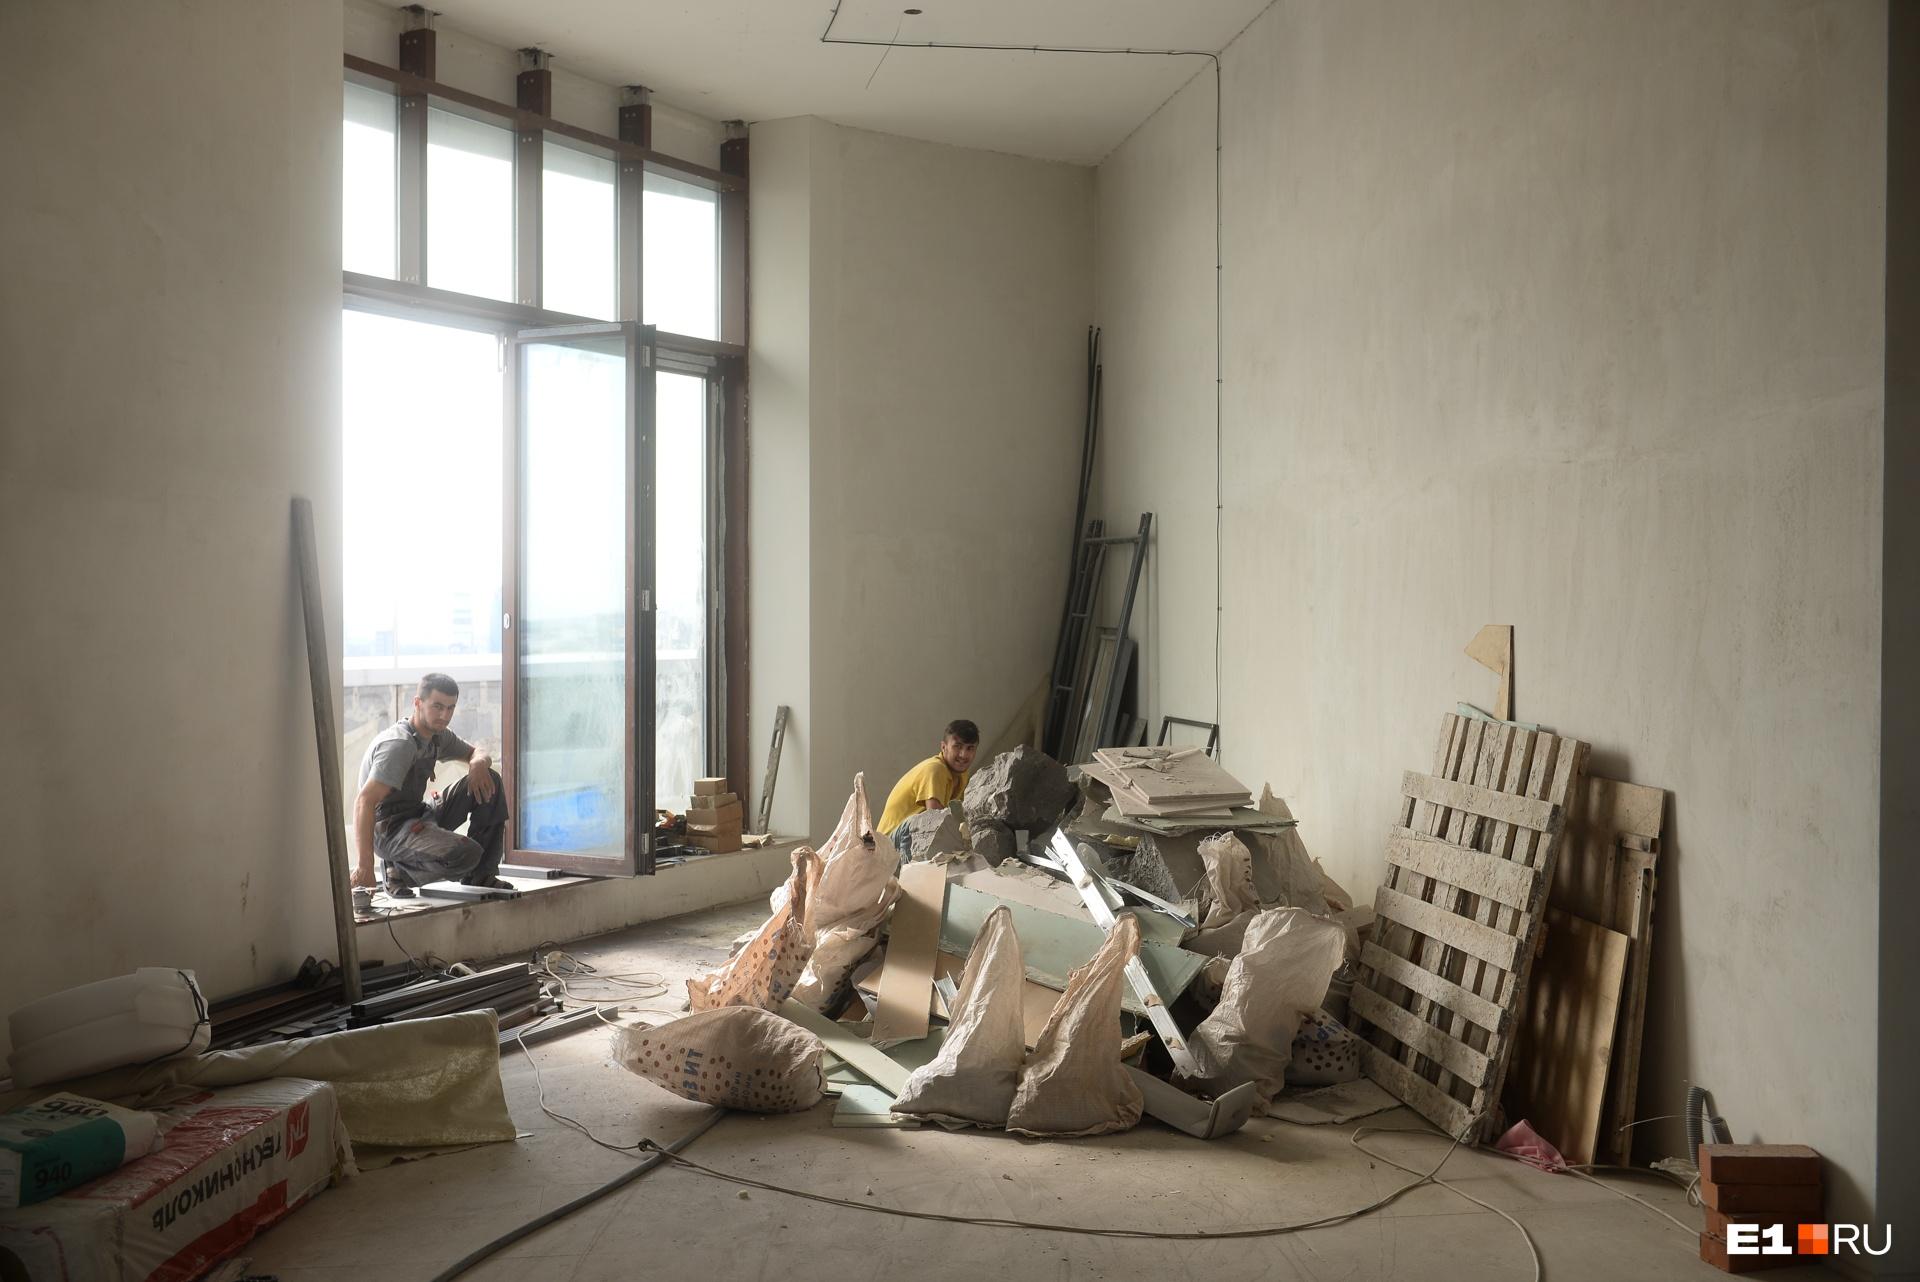 Это второй этаж, самый большой по размеру и с самыми крупными окнами — панорамными